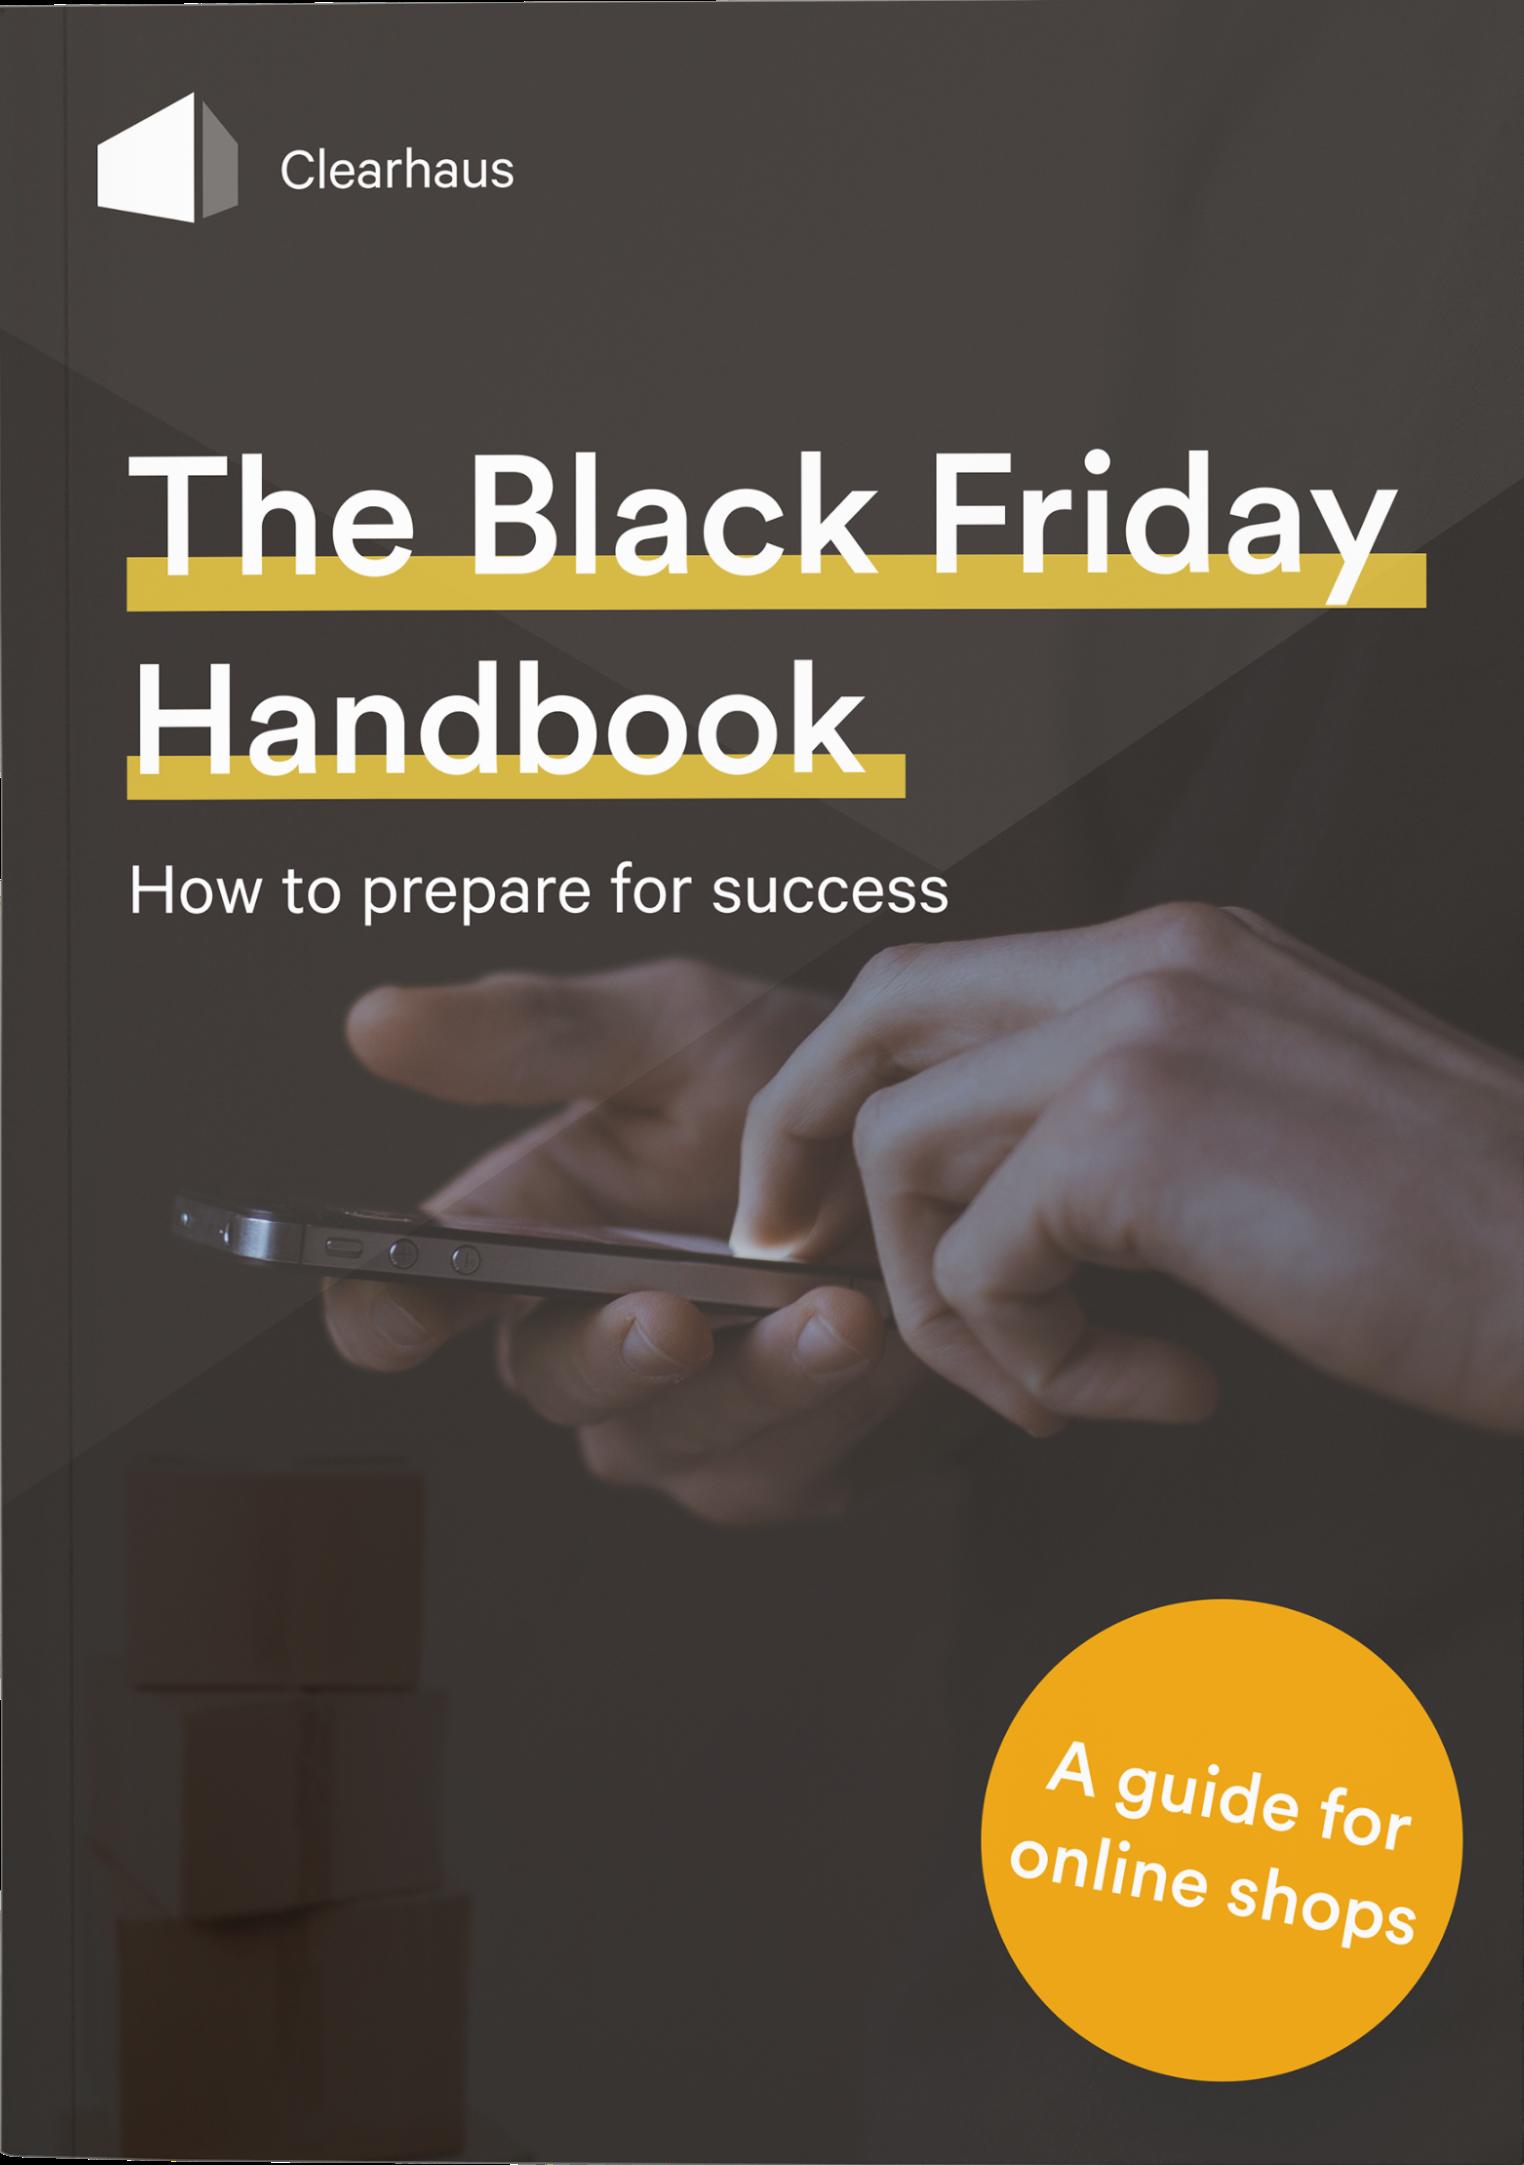 Black Friday handbook mockup EN